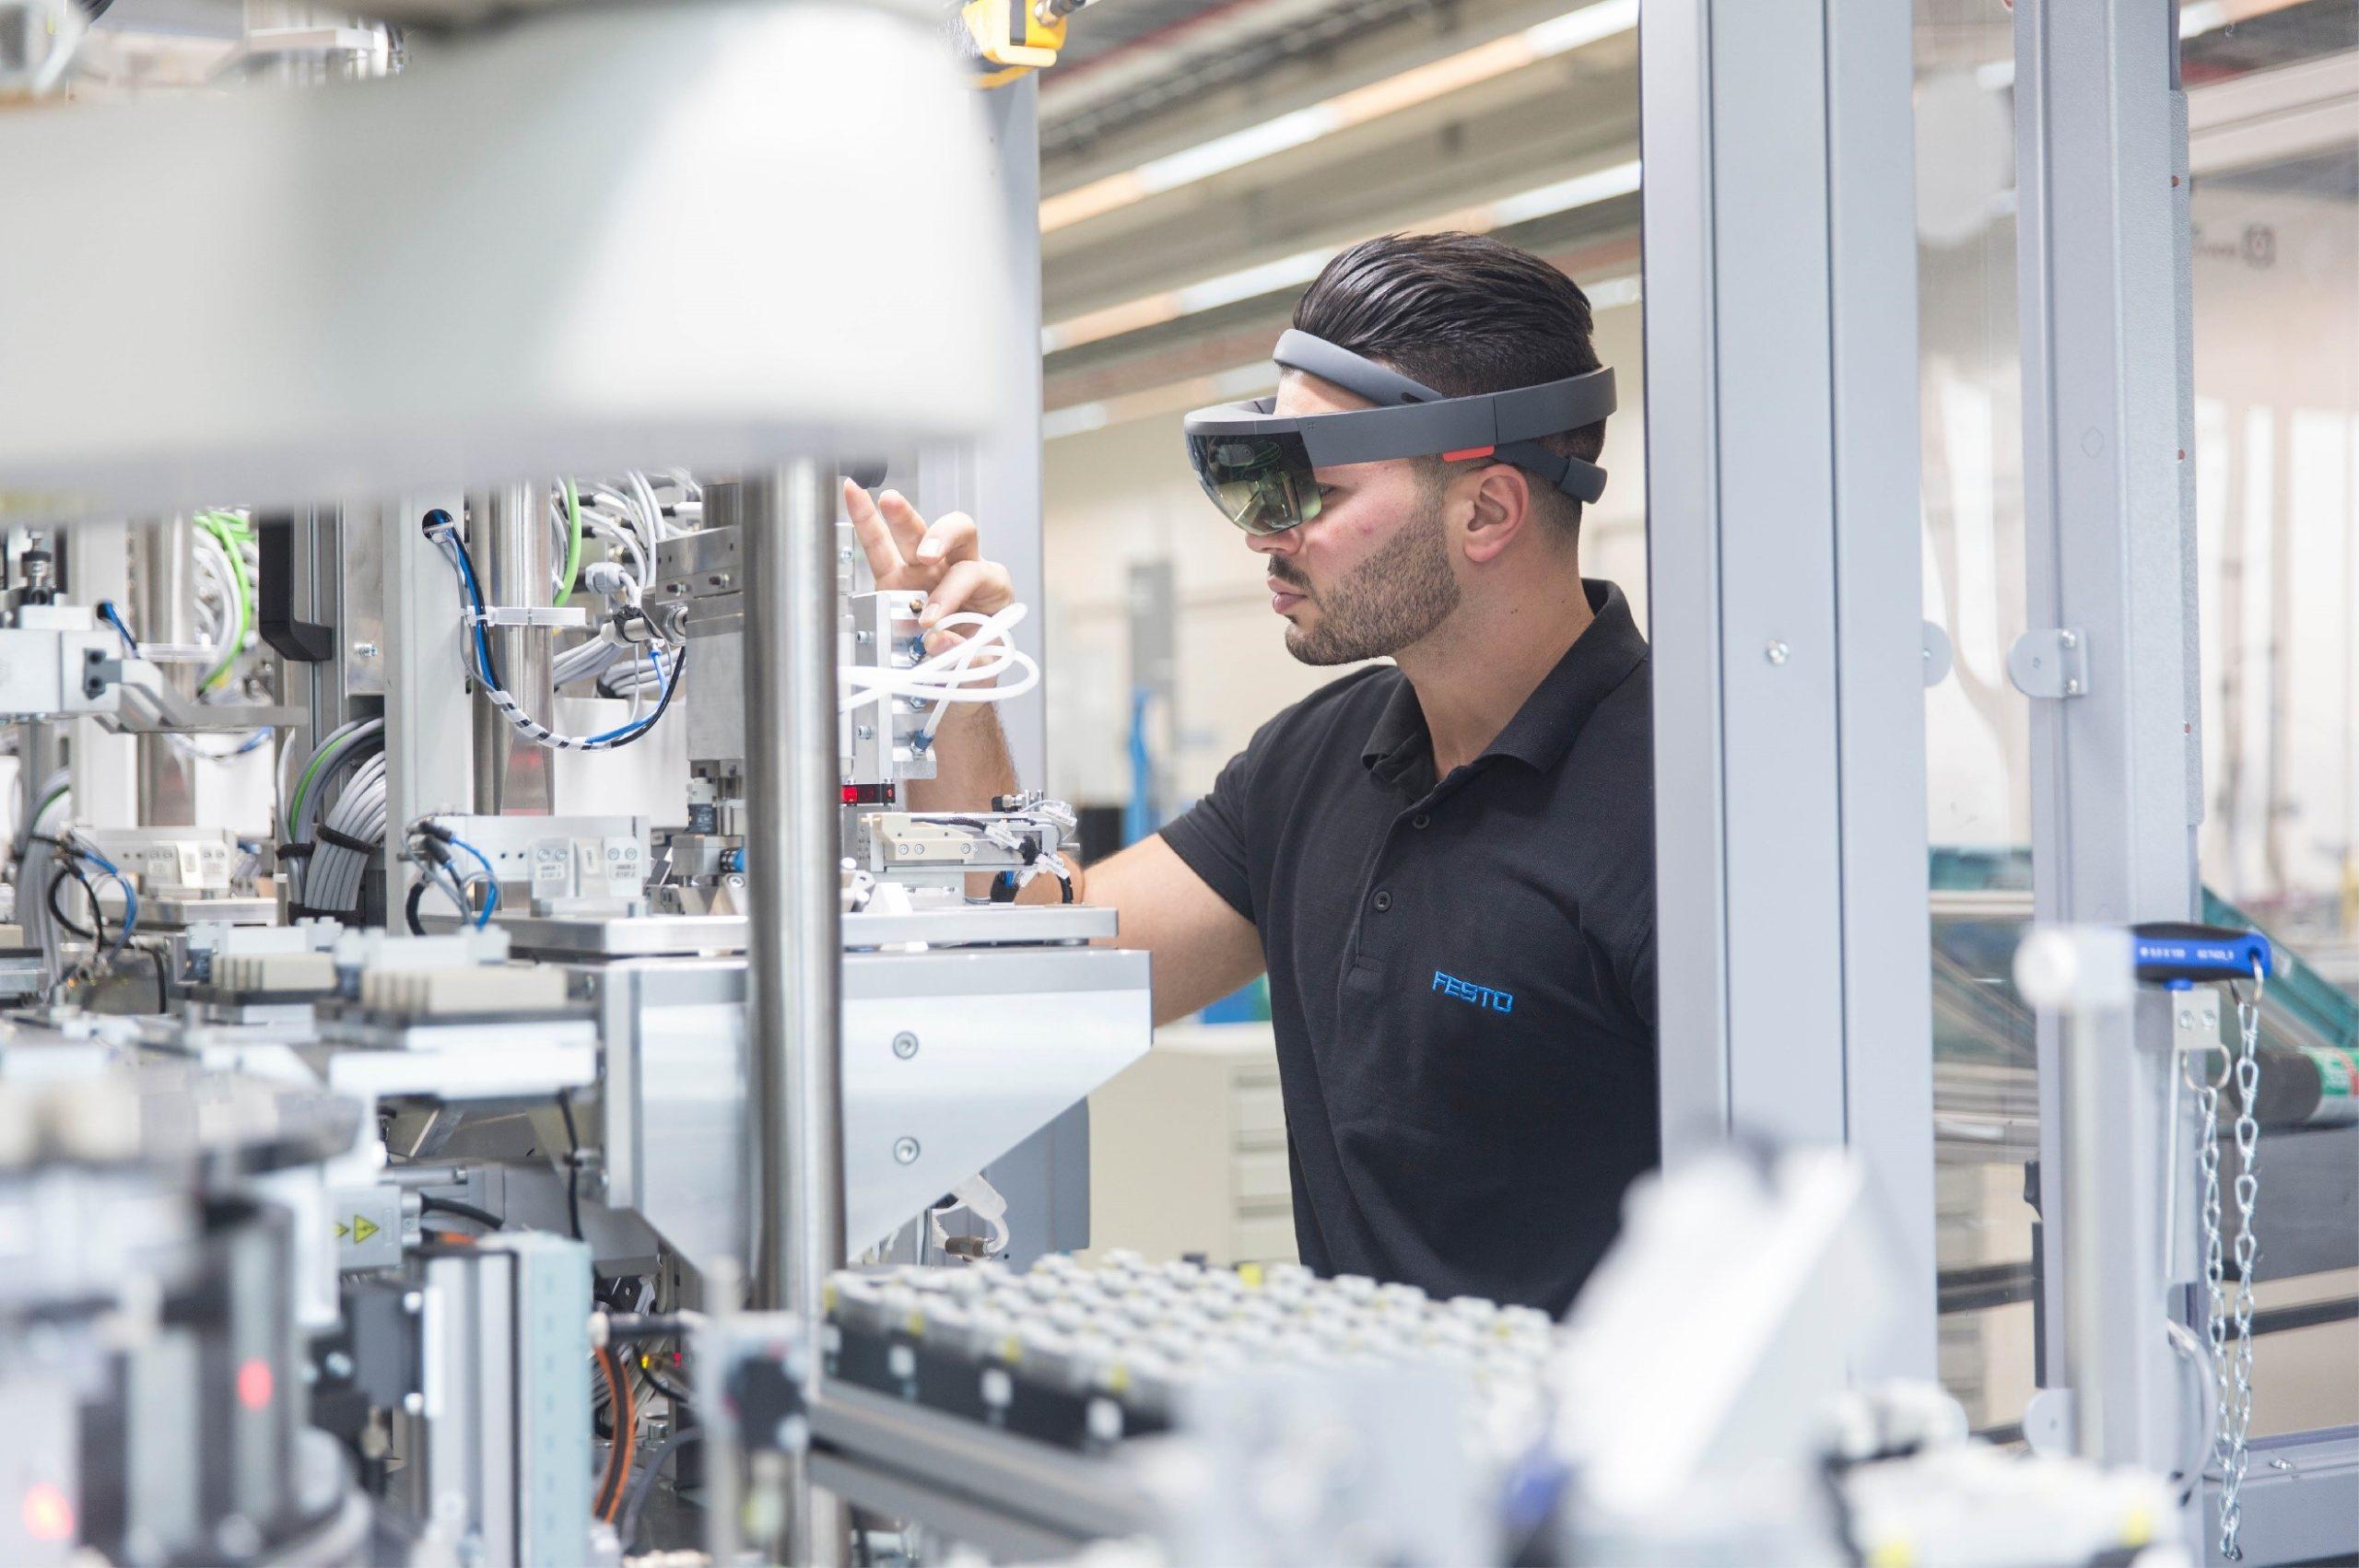 Wearables & Virtuelle Techniken: Projekt GeZu 4.0 veröffentlicht Bericht über die Auswirkungen auf den Arbeitsplatz der Zukunft